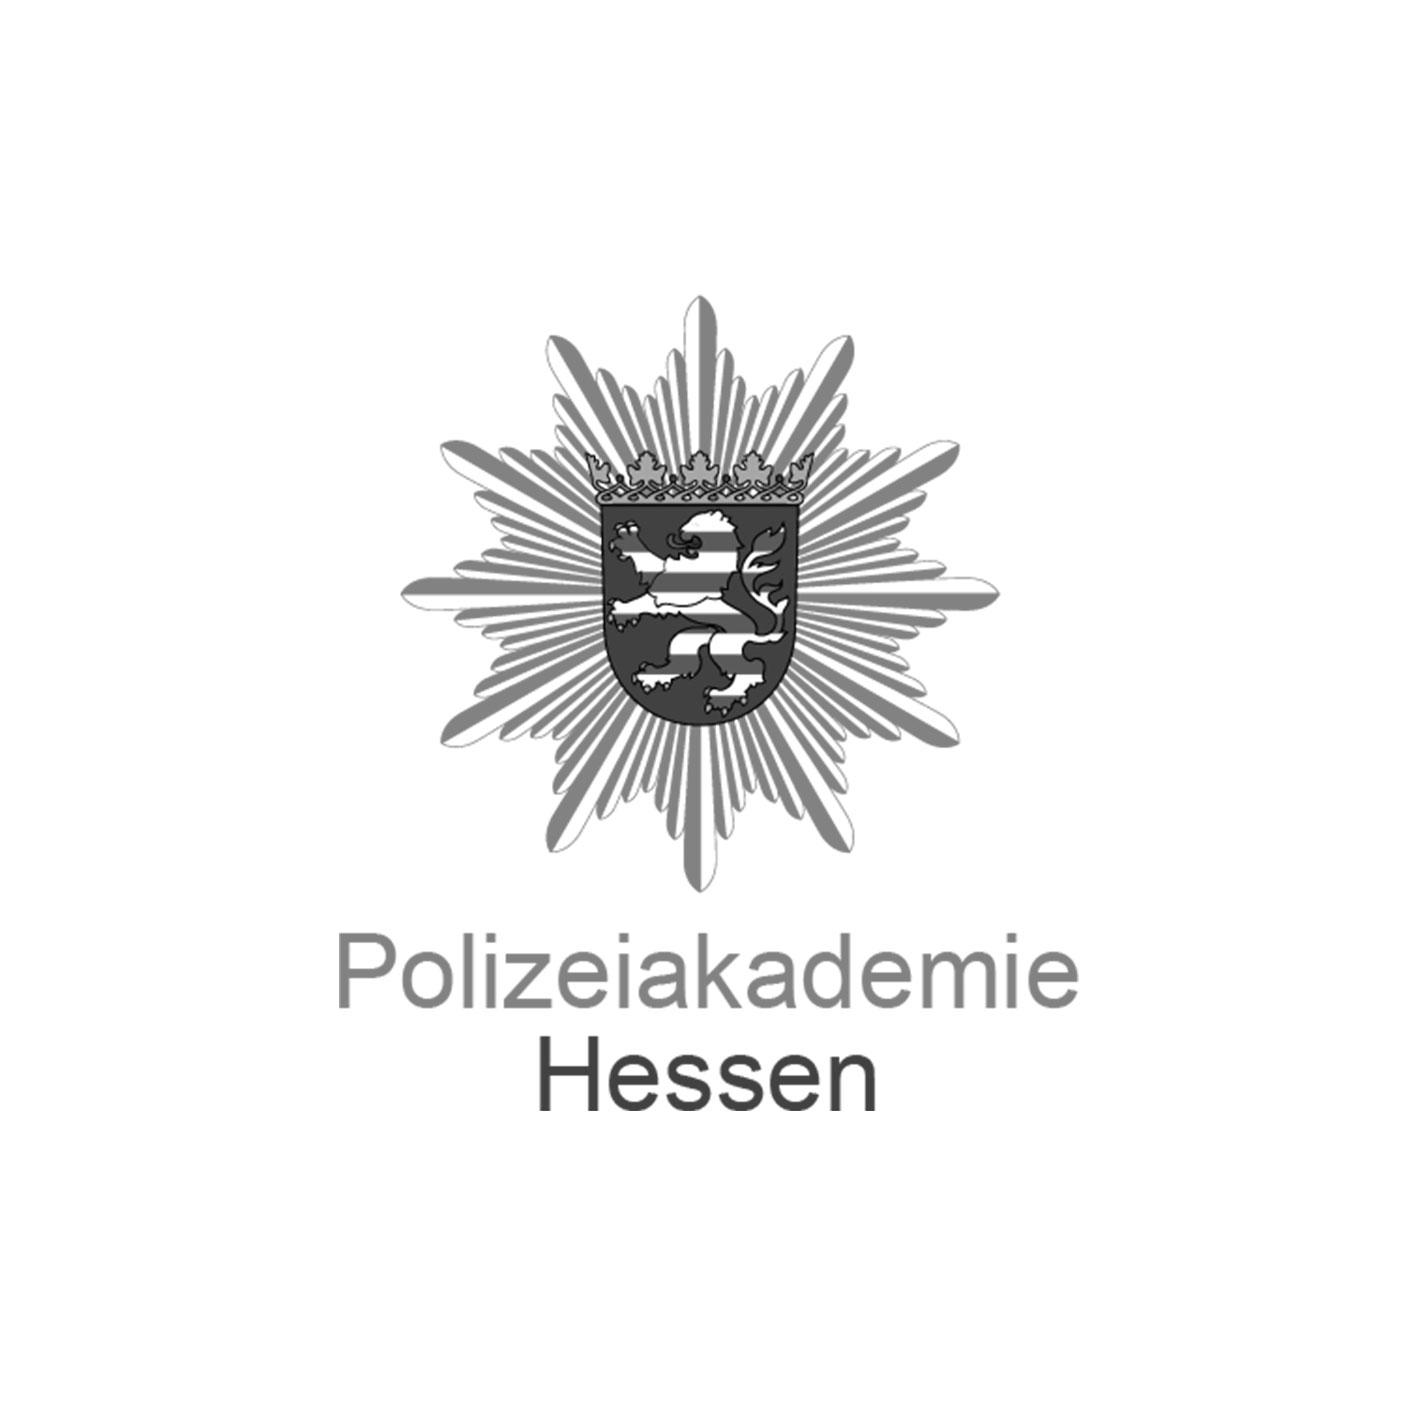 Hessischer Polizeiakademie